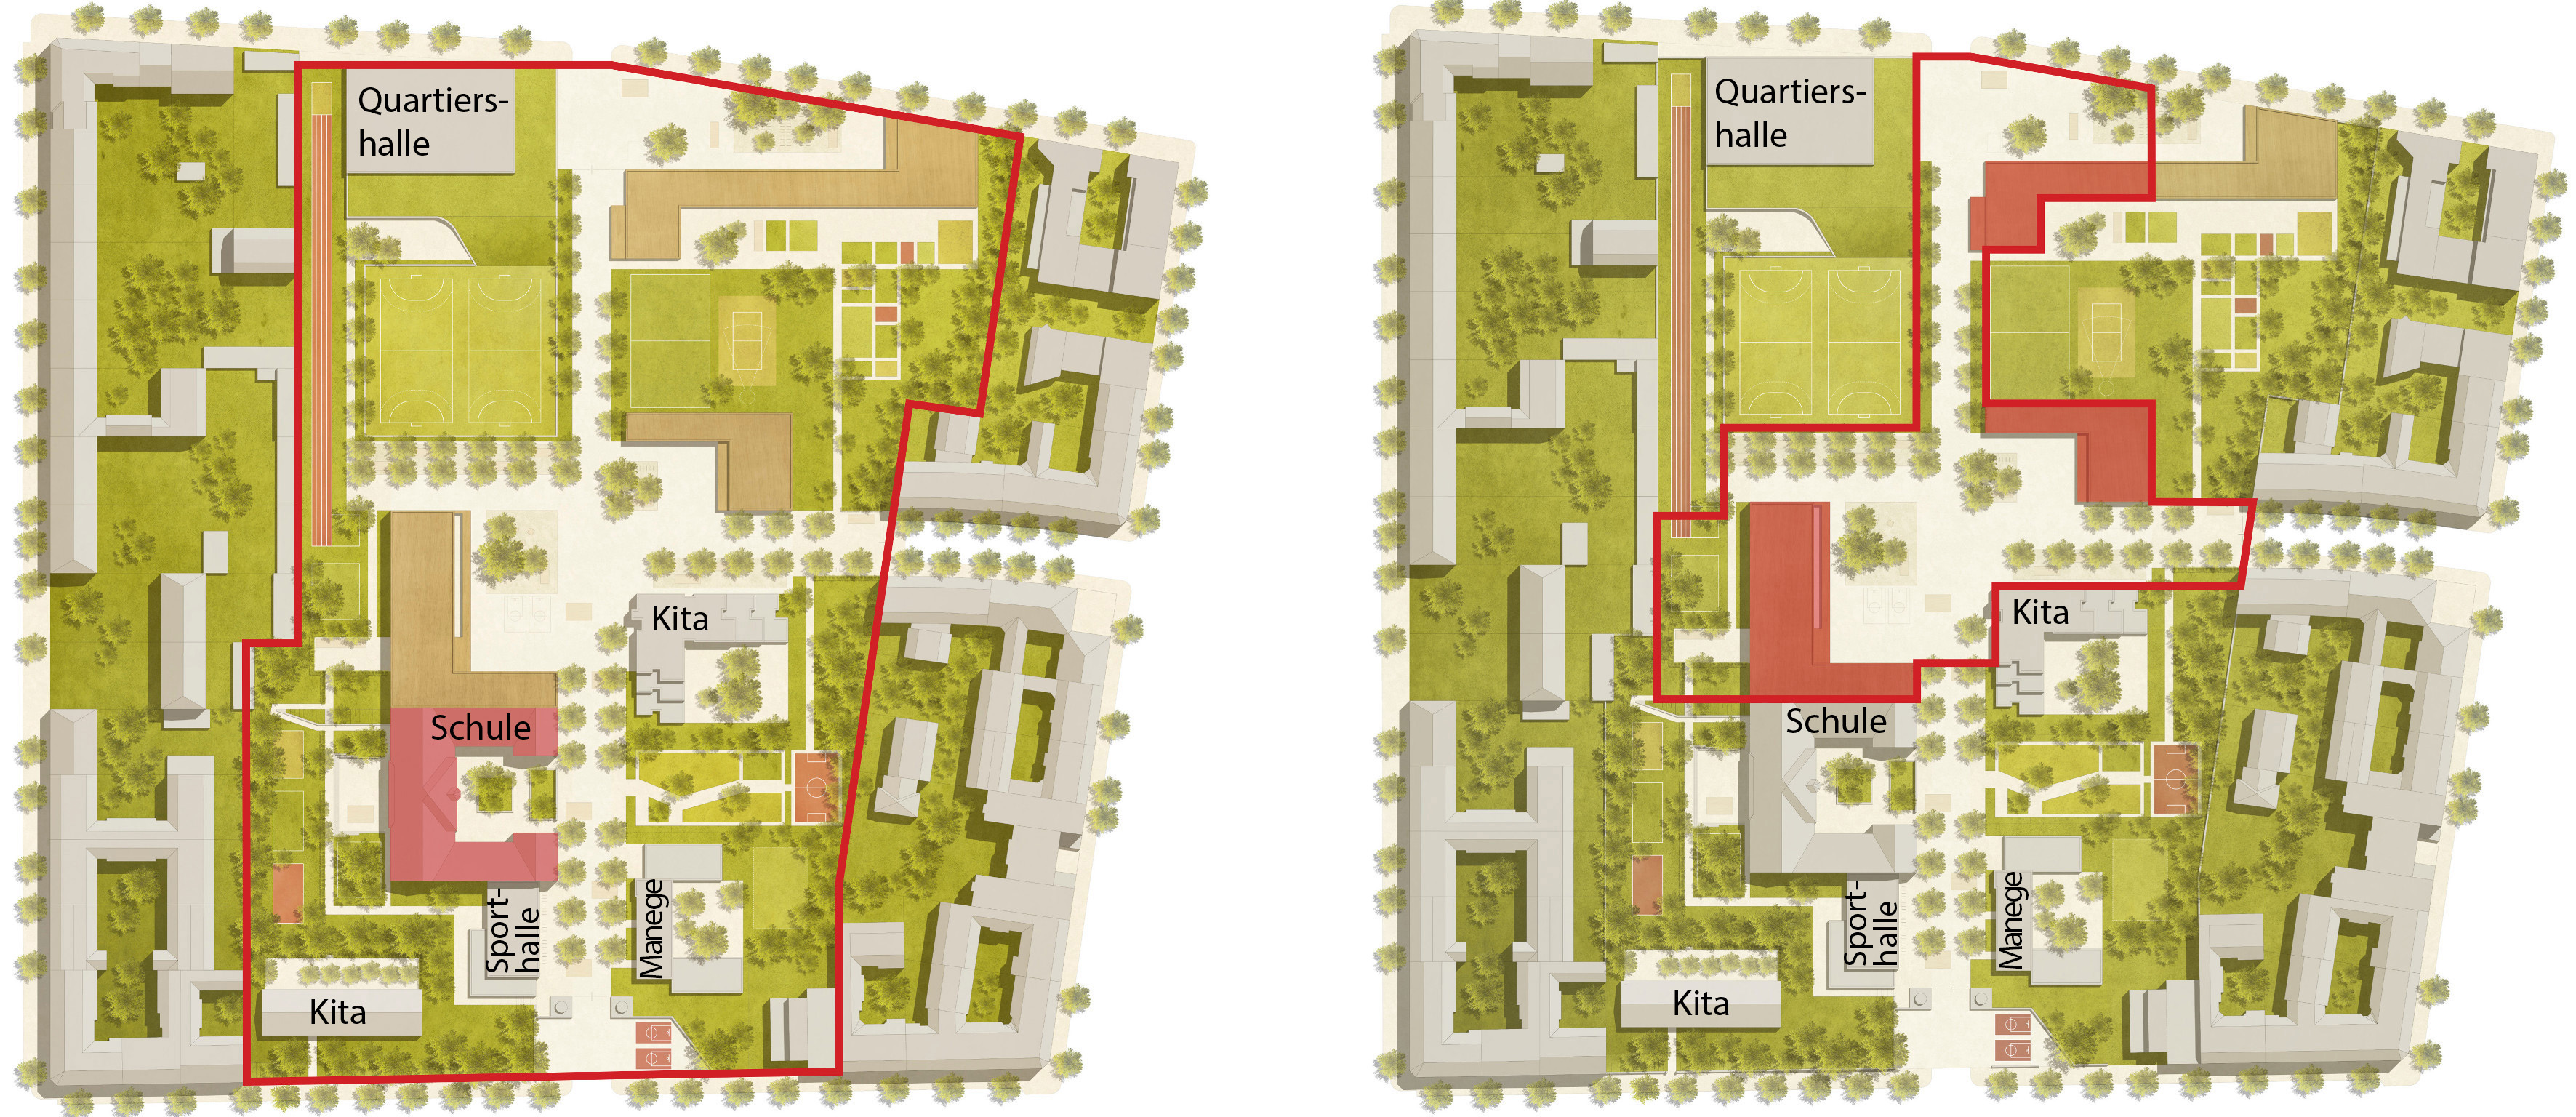 CR2_Campusgebiet&Realisierung